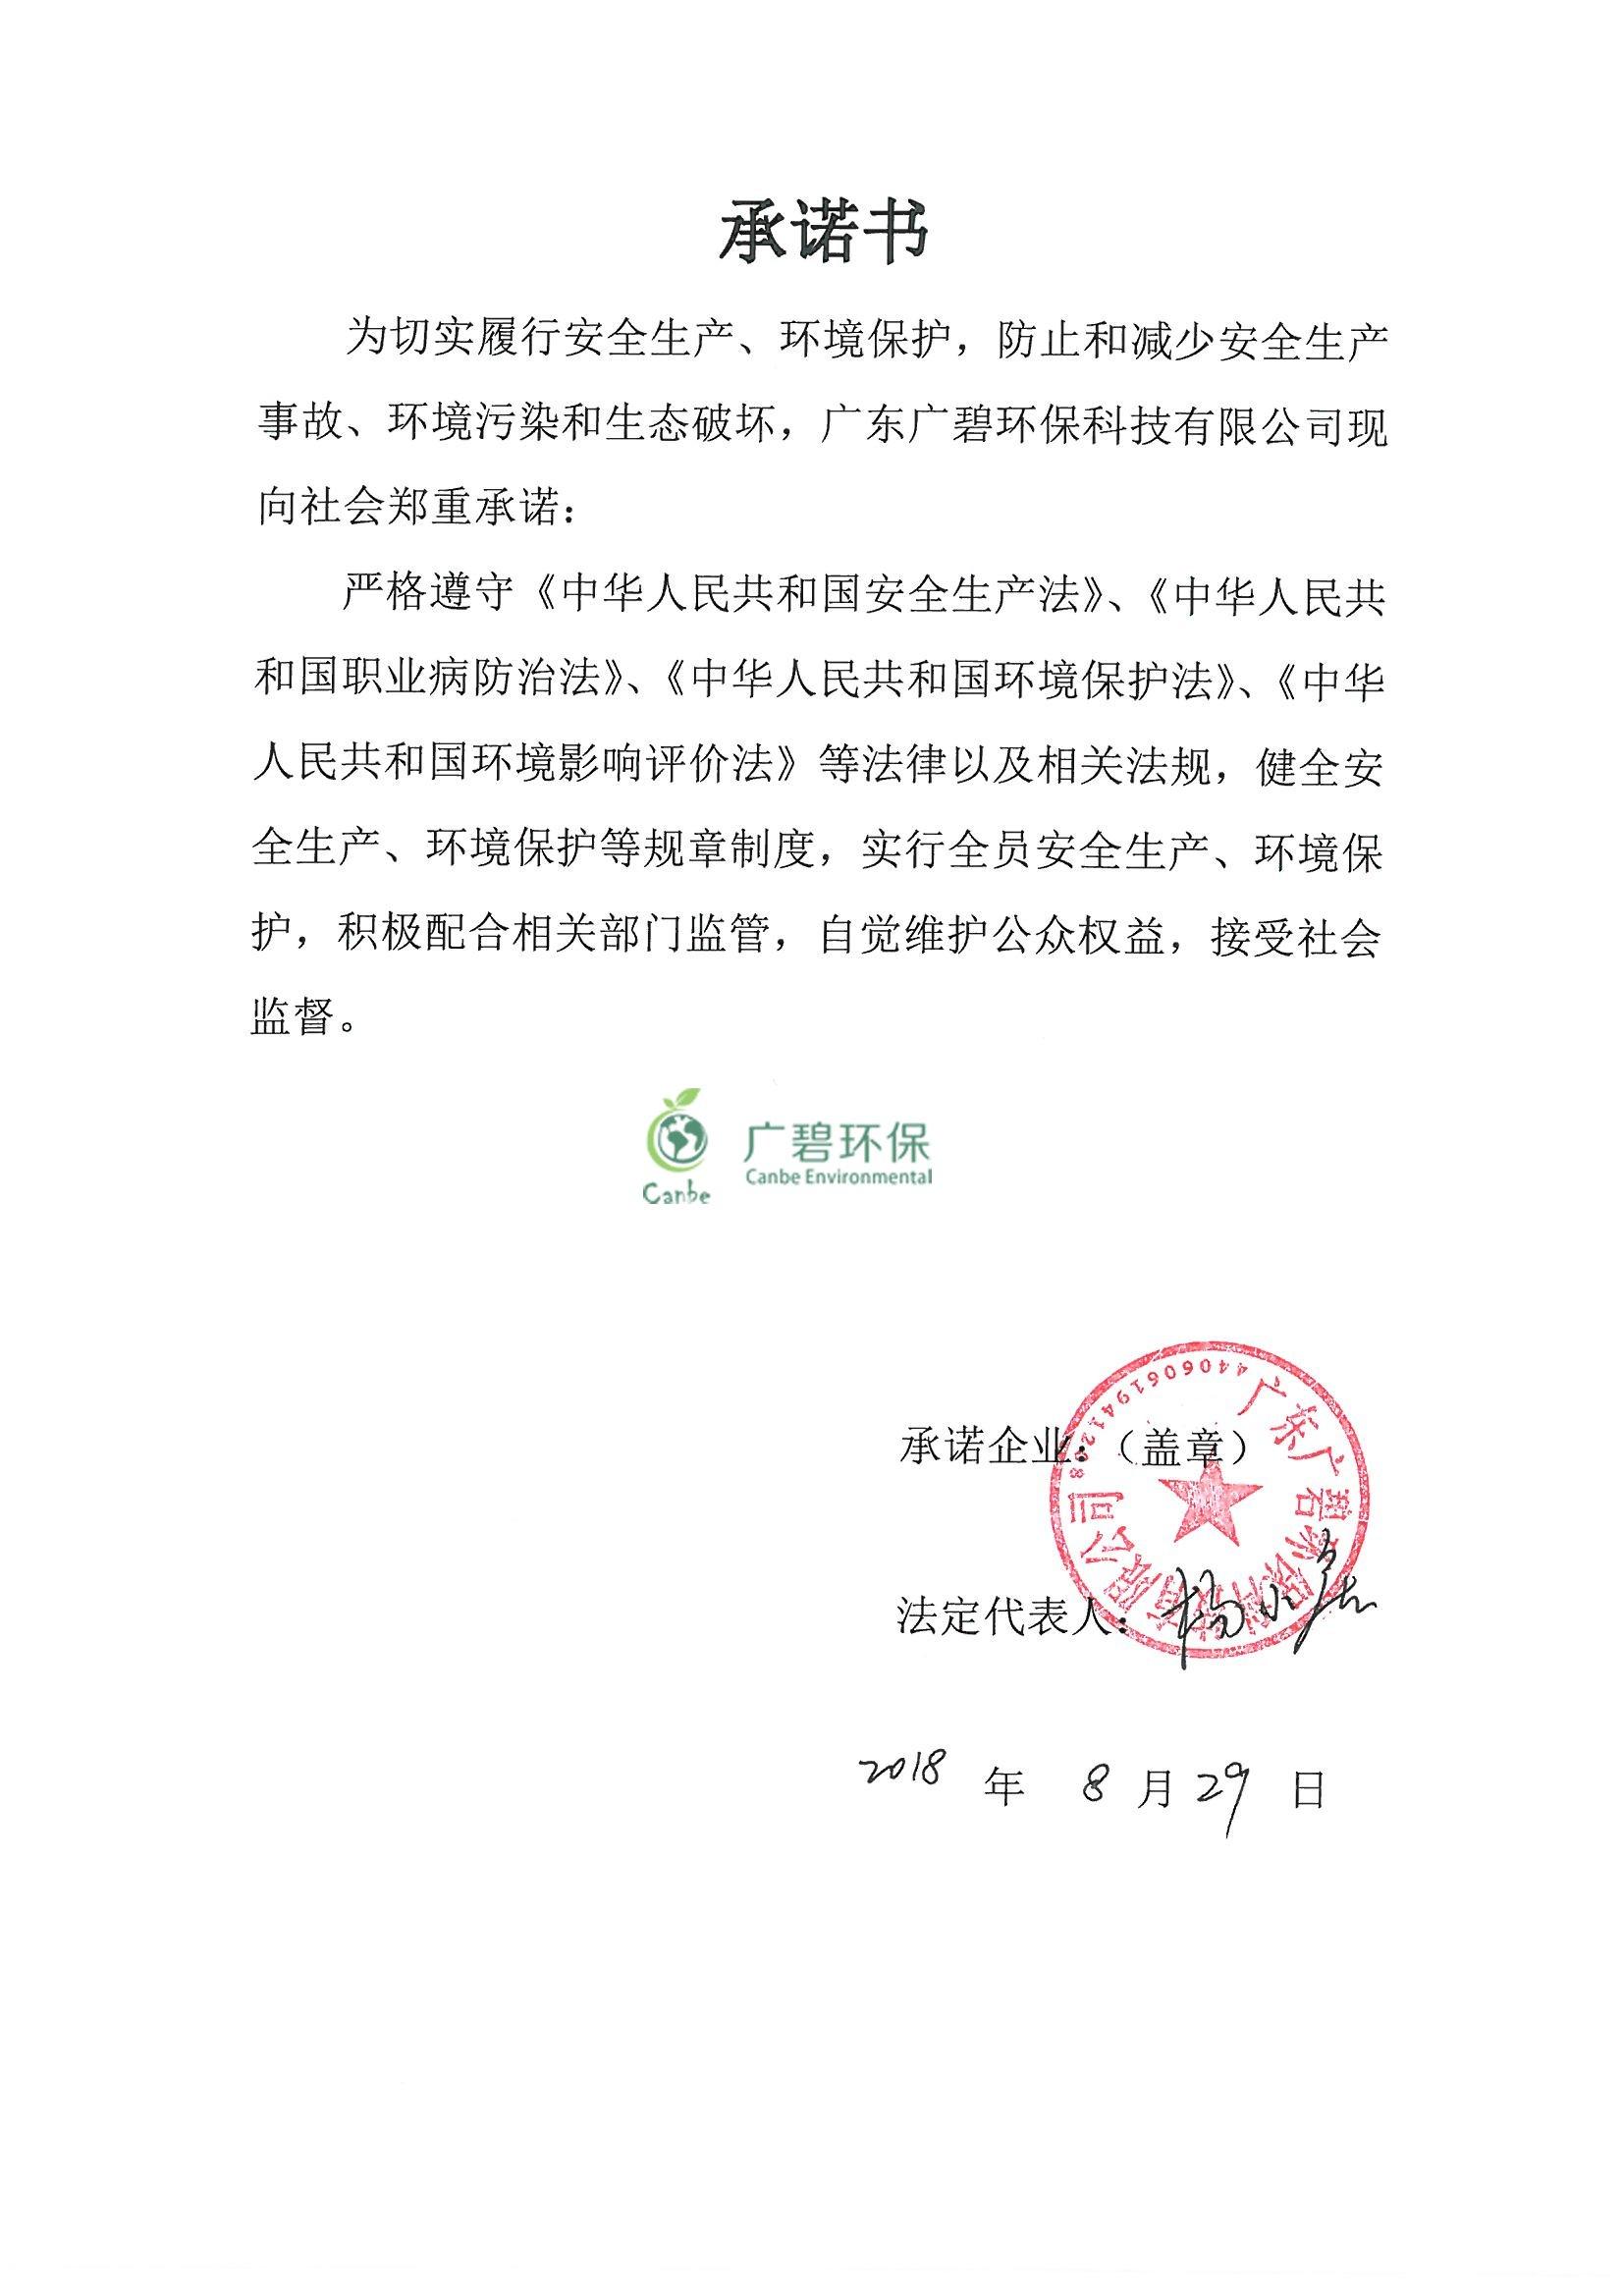 广东广碧环保科技有限公司为履行安全生产、环境保护承诺书